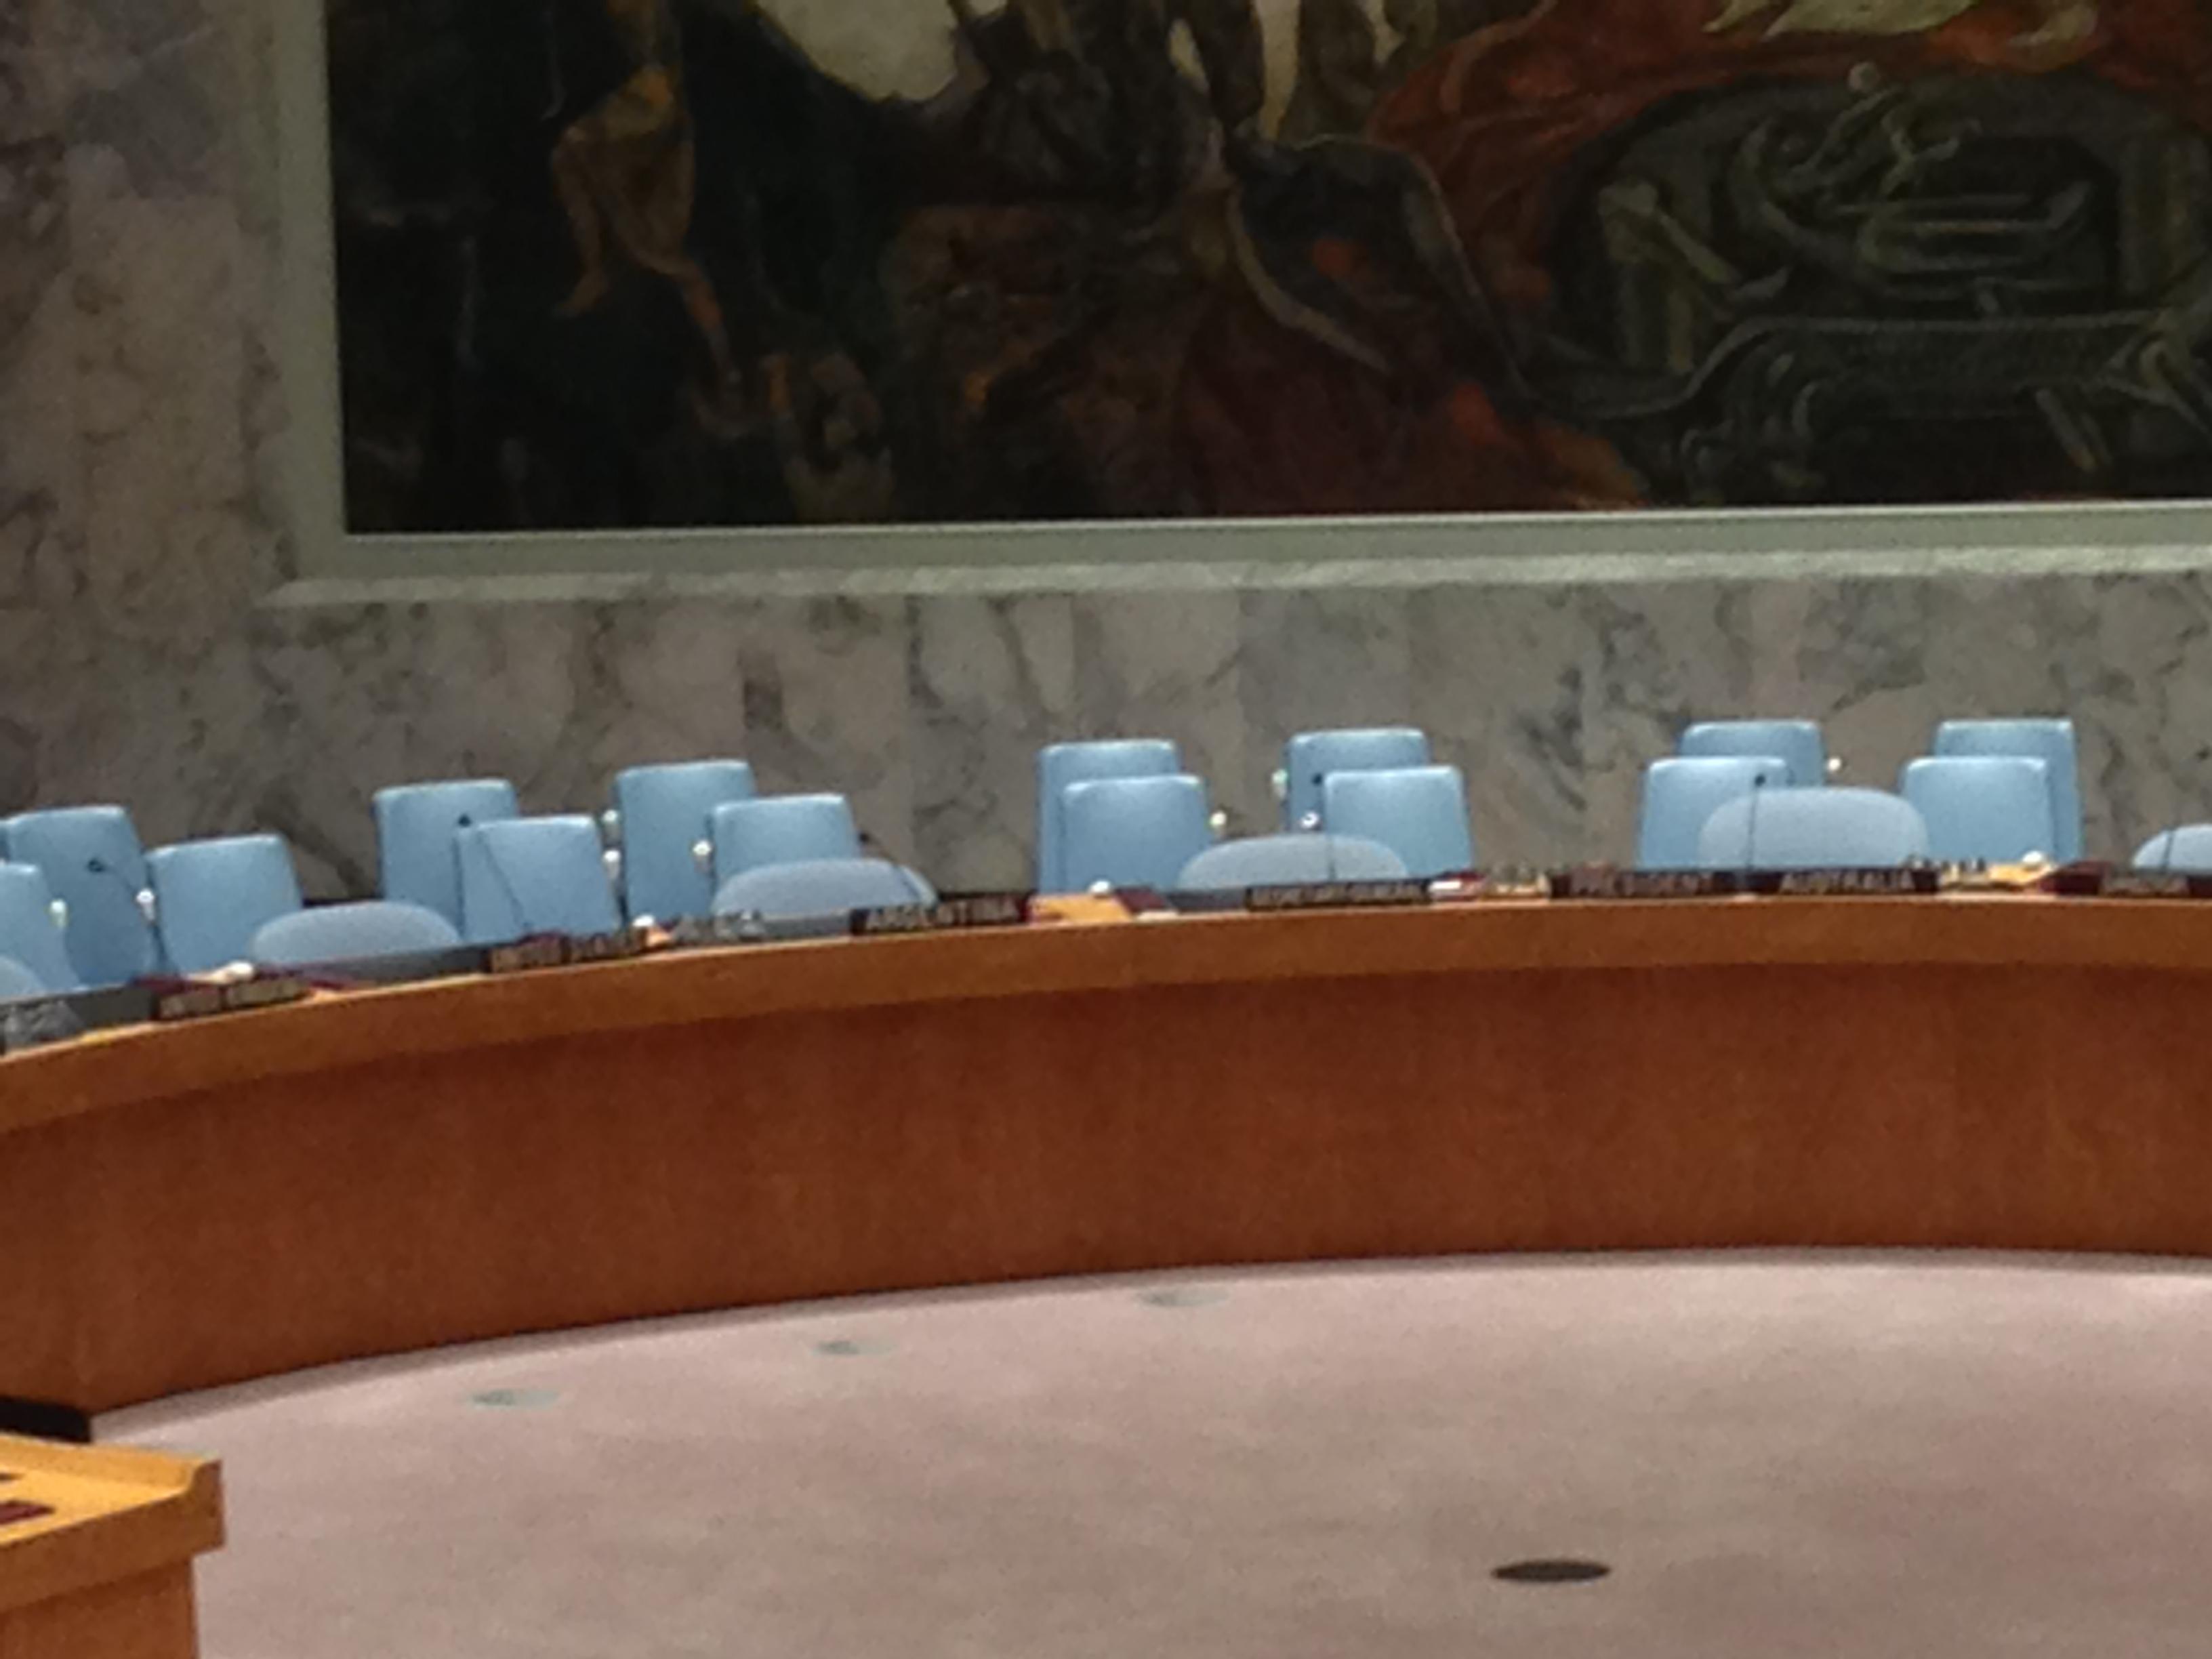 20141110 214723650 ios - Visitando la sede de la ONU en New York